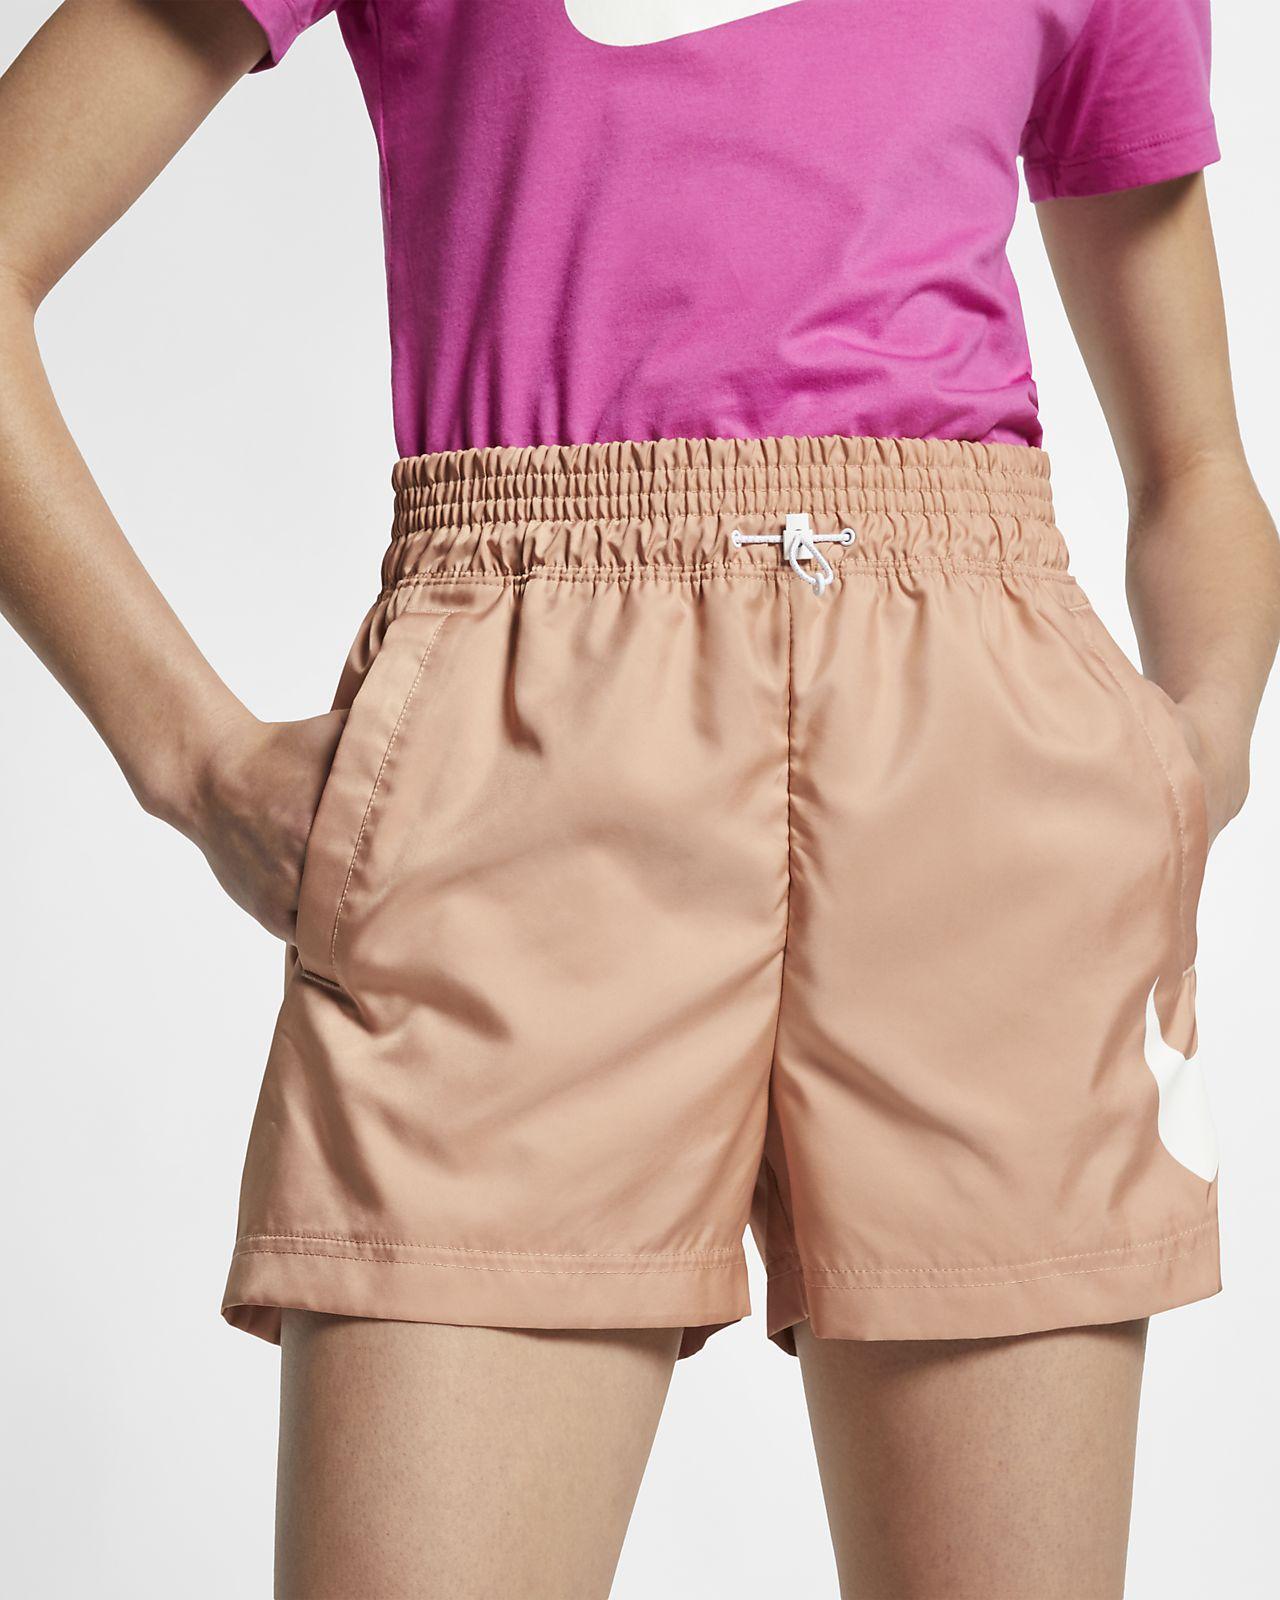 Nike Sportswear Swoosh Women's Woven Shorts